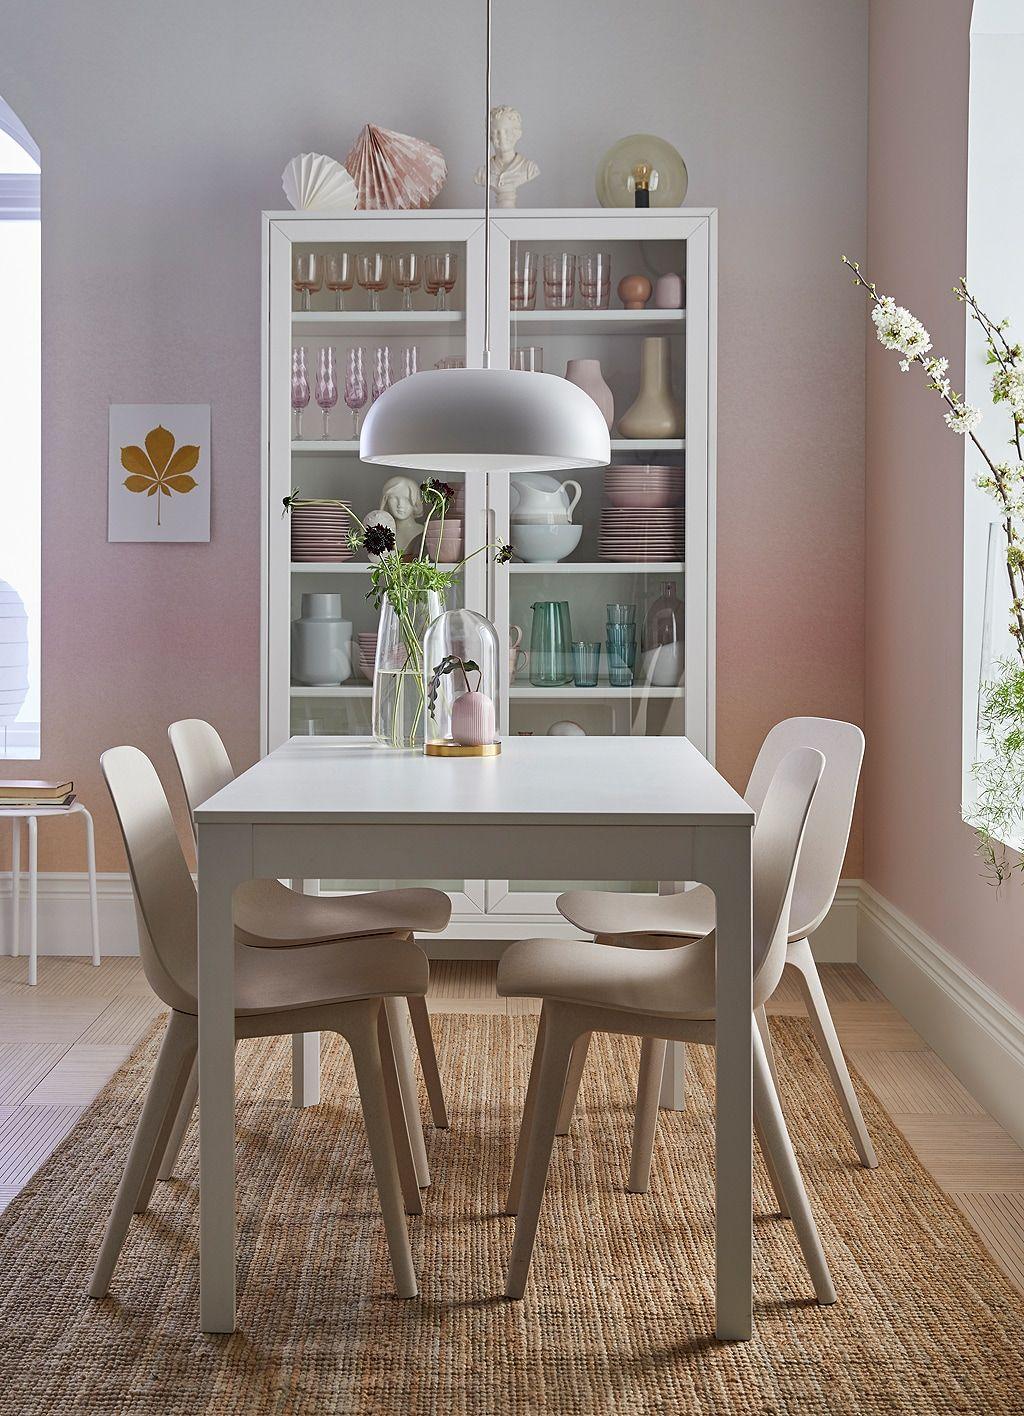 Comedores | Muebles de comedor, Mesas y sillas comedor y ...